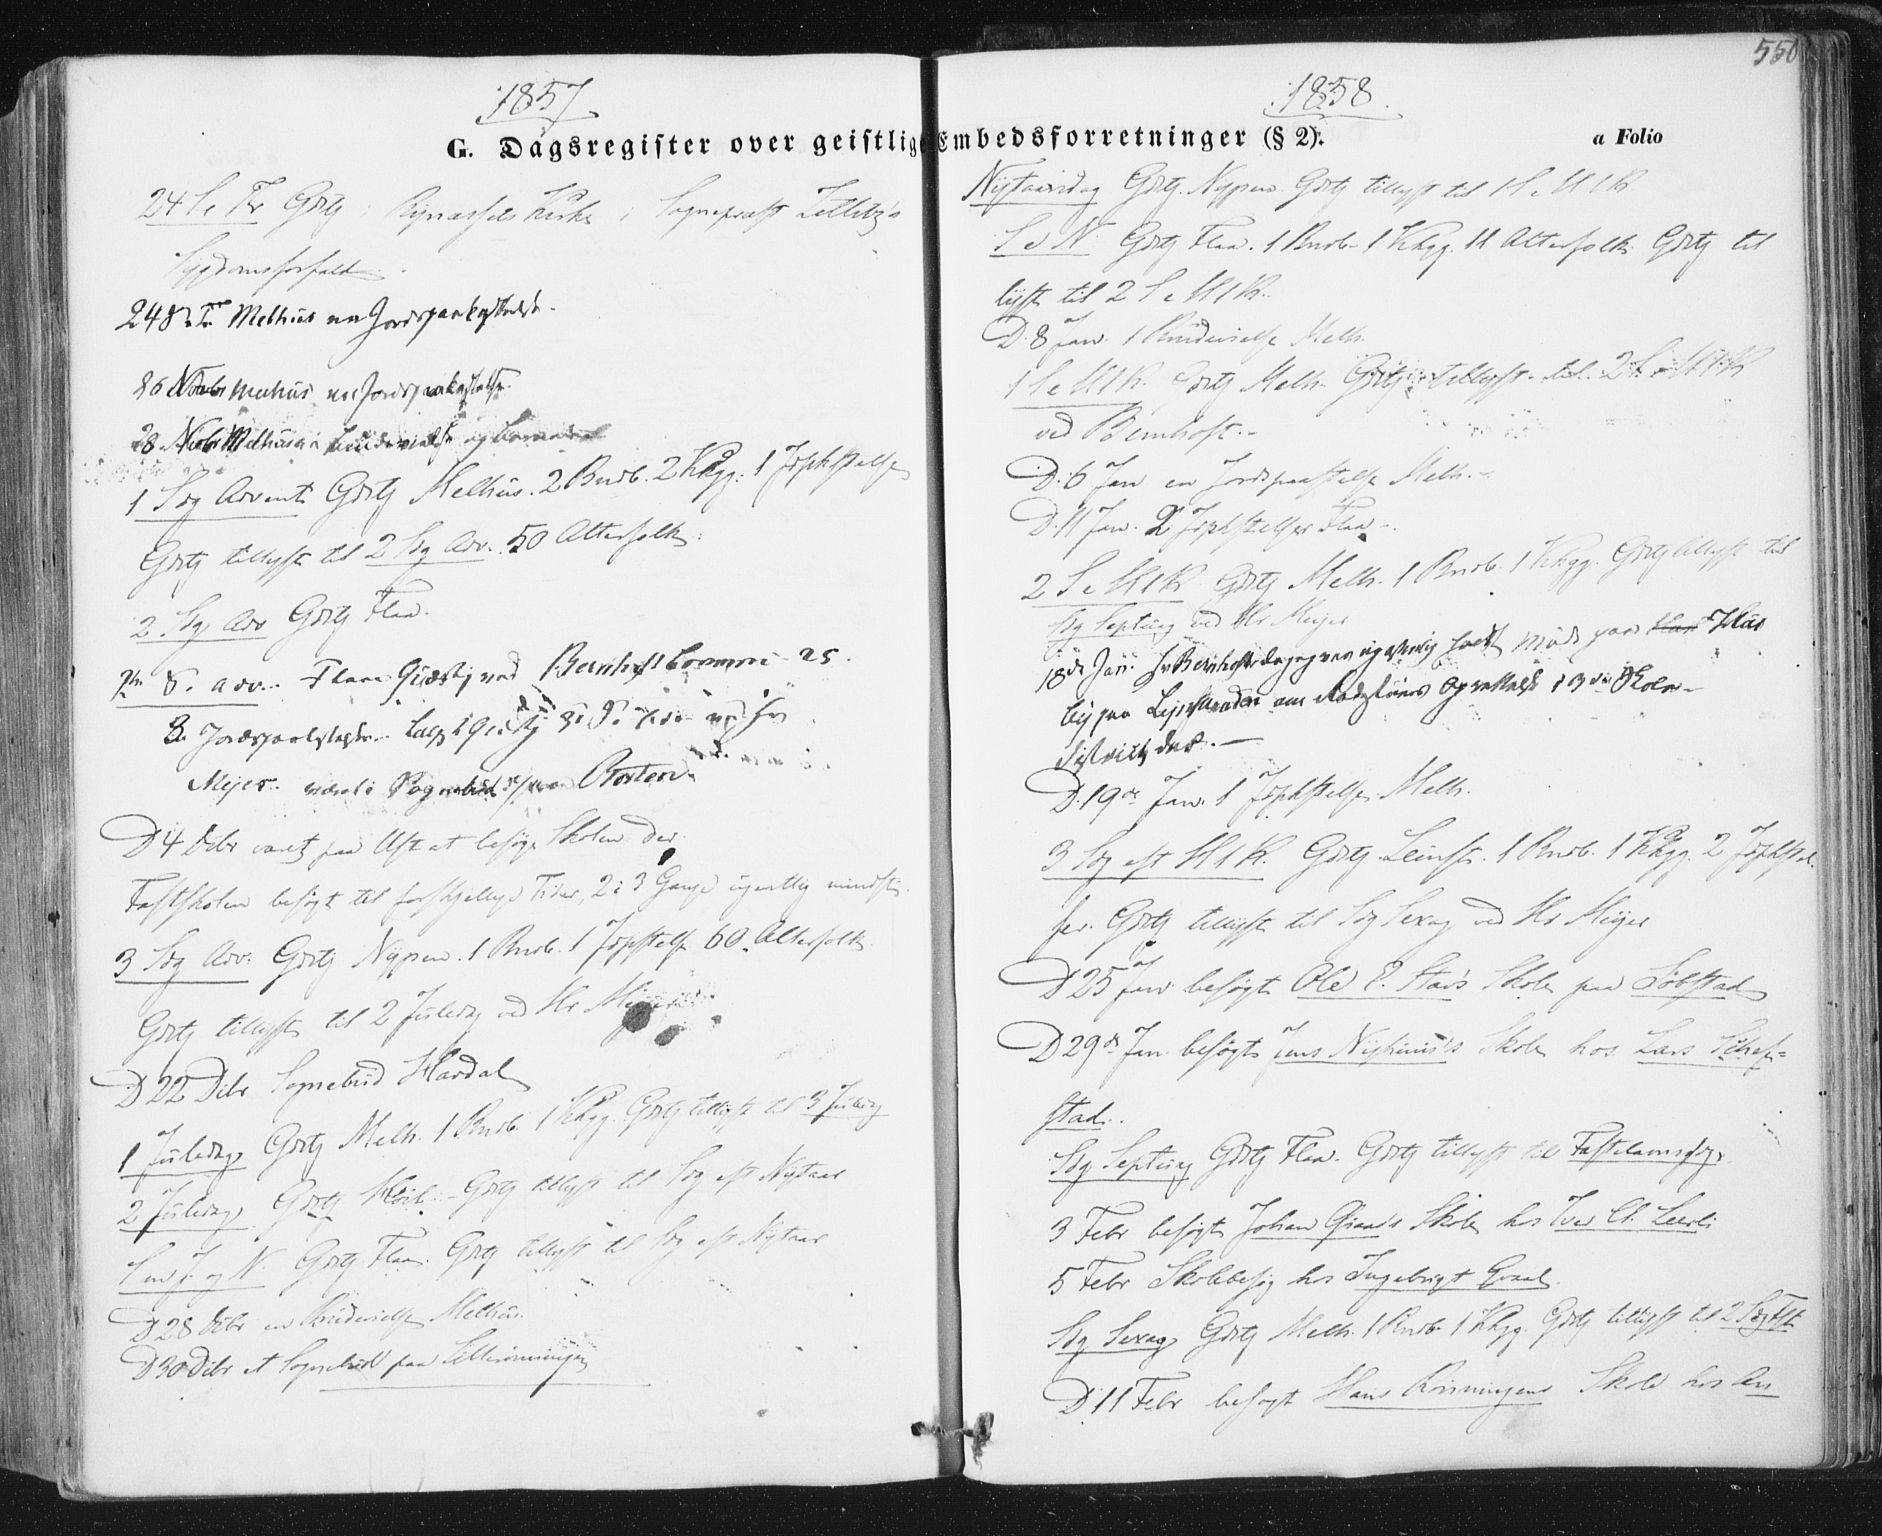 SAT, Ministerialprotokoller, klokkerbøker og fødselsregistre - Sør-Trøndelag, 691/L1076: Ministerialbok nr. 691A08, 1852-1861, s. 550